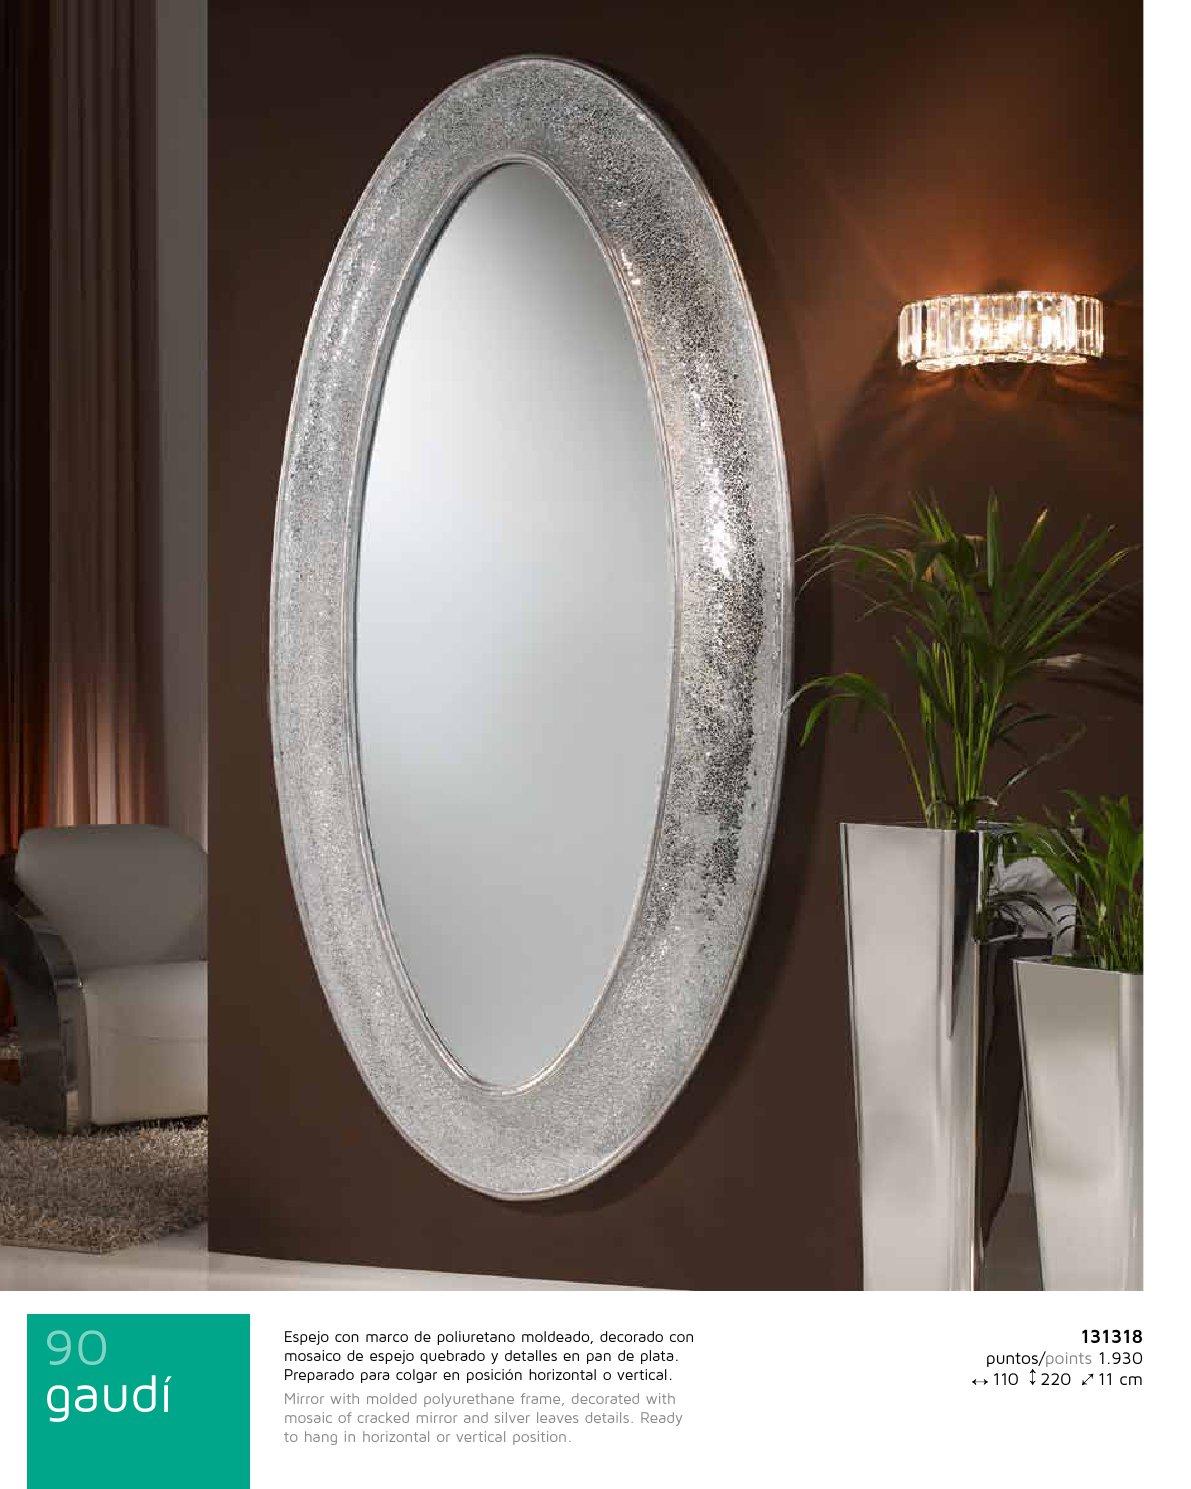 Gaudi espejo Ovalado Vestidor 218x110cm - Pan de Plata Schuller Foto